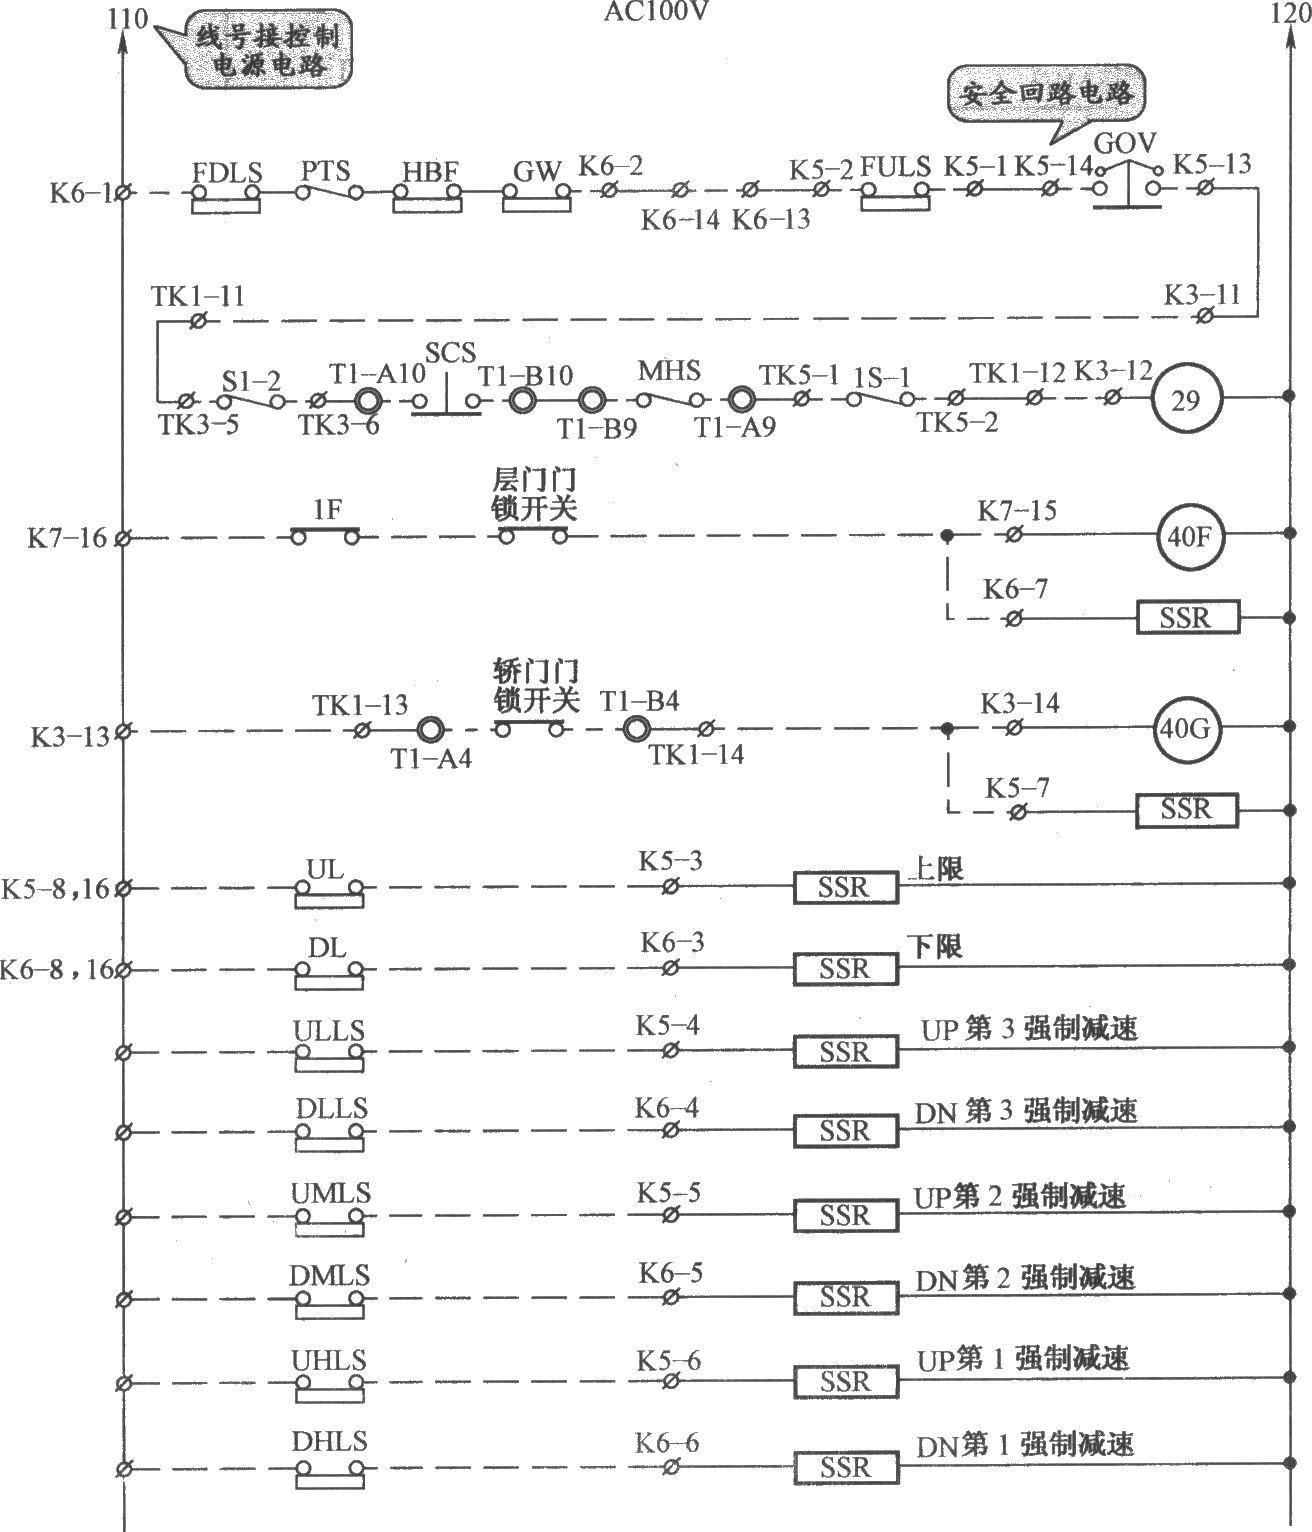 铃木电梯安全回路电路(b)